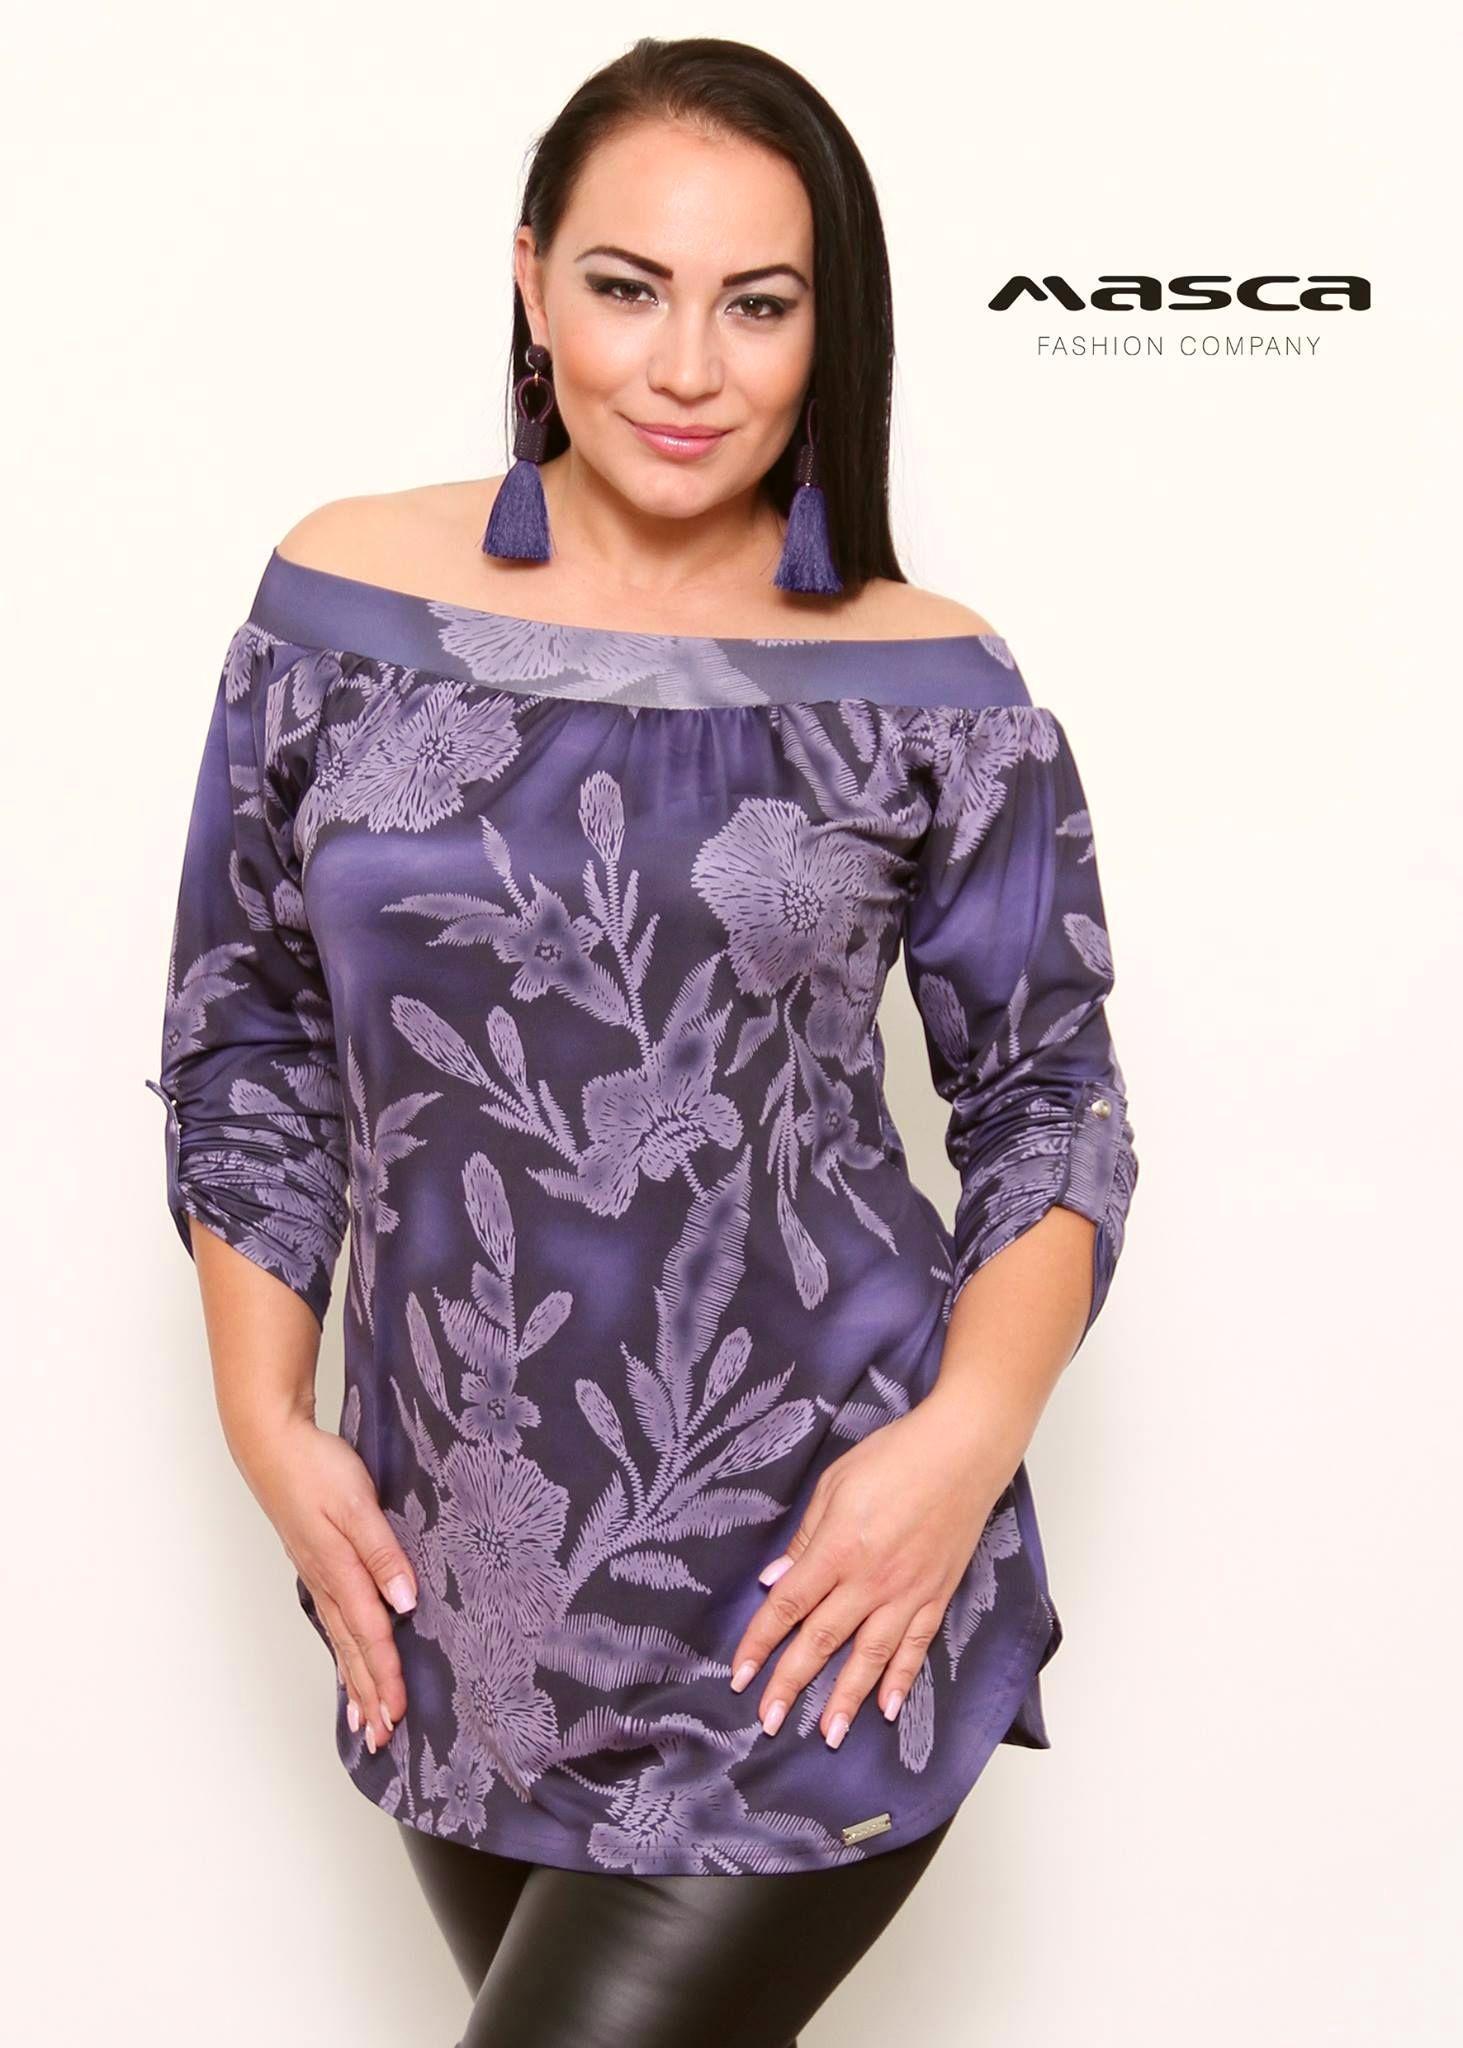 32f5ae6d54  Masca Fashion vállra húzós lilás mintás tunika felcsatolható ujjal